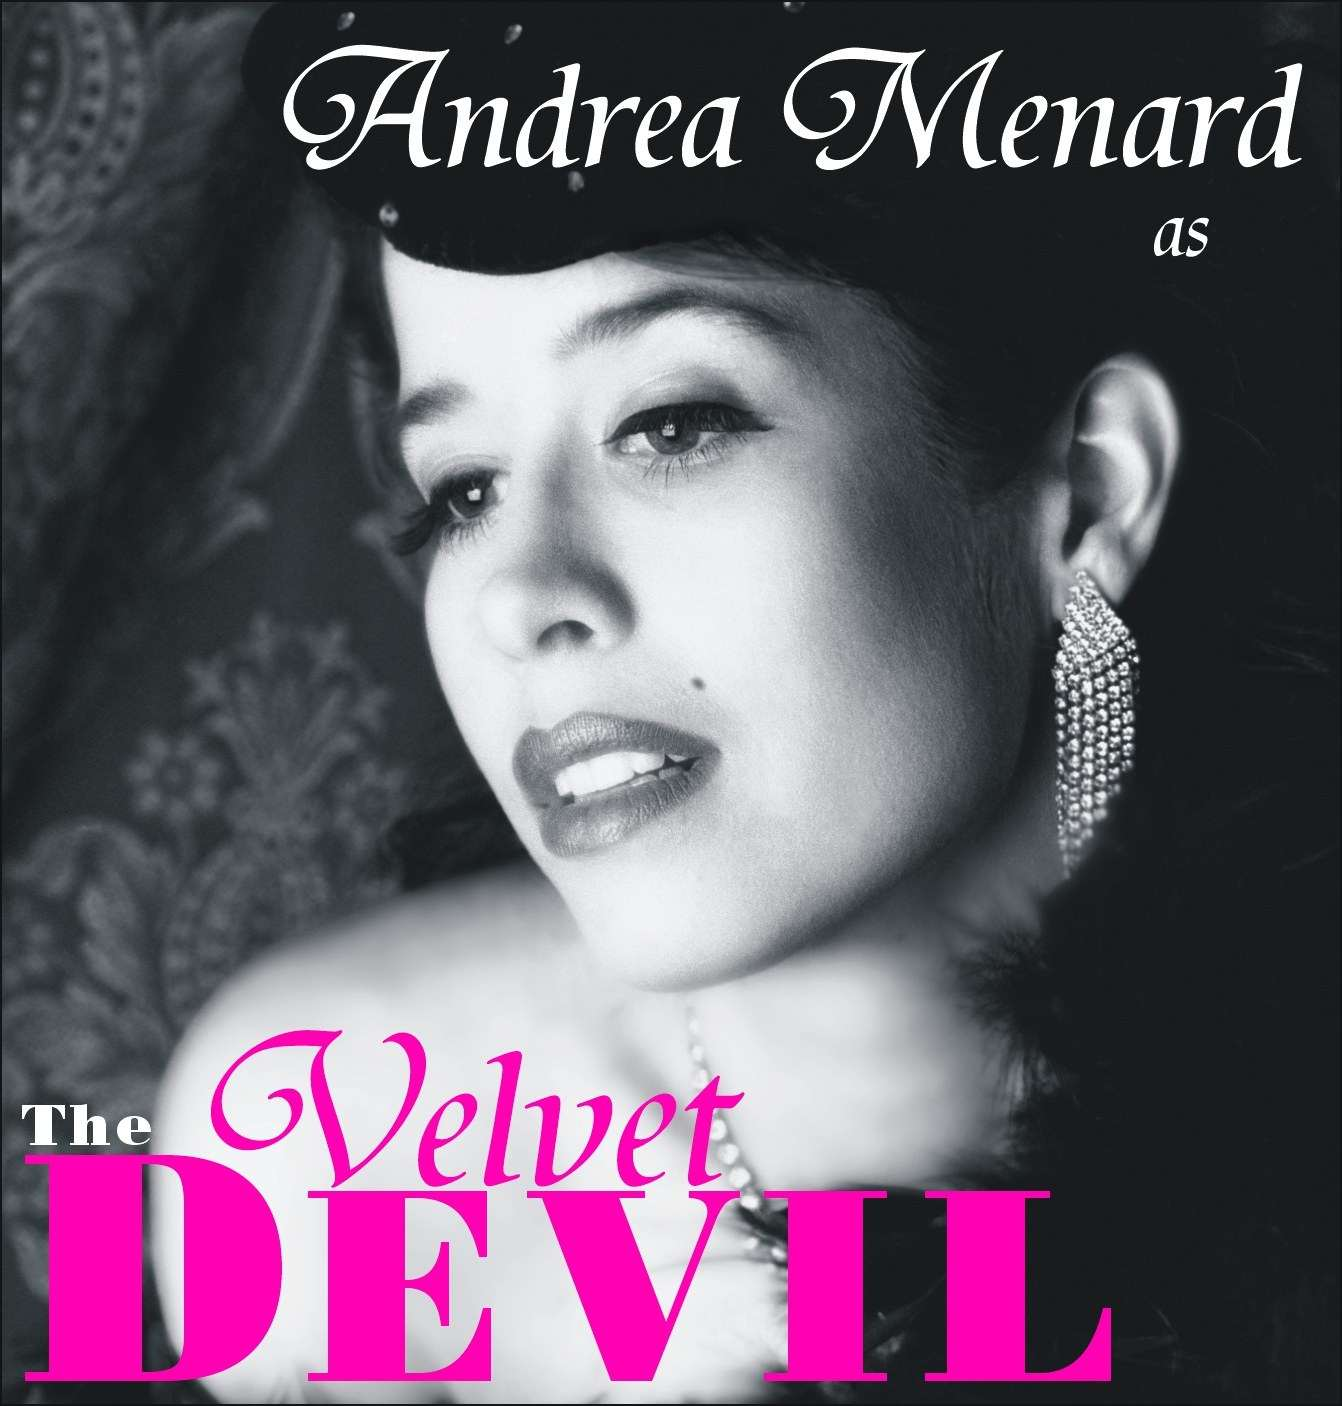 velvet_devil_cd.jpg